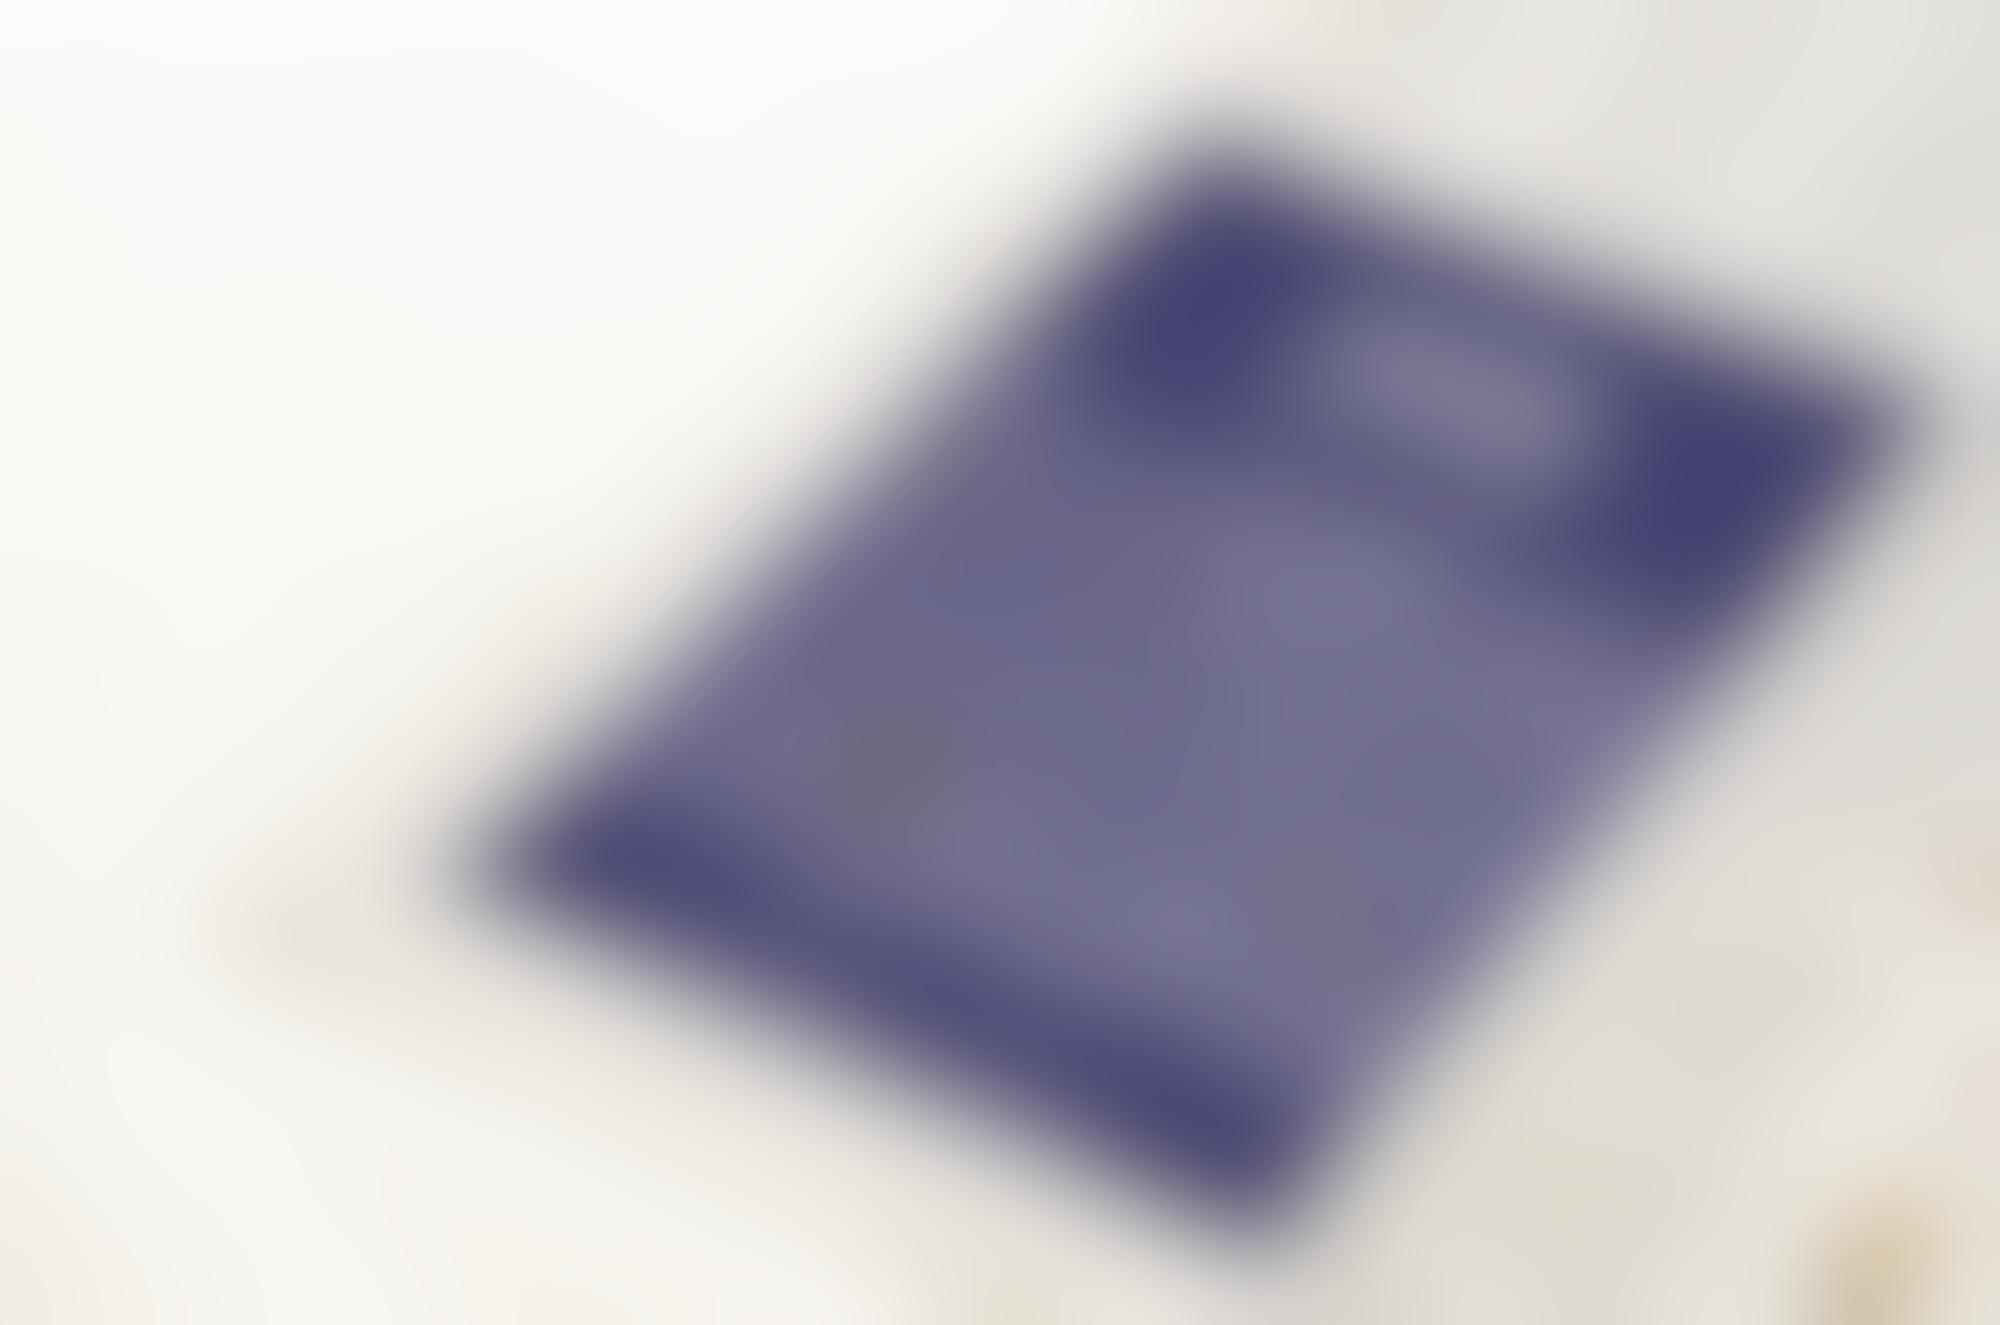 EP TETLEY 02 autocompressfitresizeixlibphp 1 1 0max h2000max w3 D2000q80s1c00c084c7f87654a3b01e2d16186e42